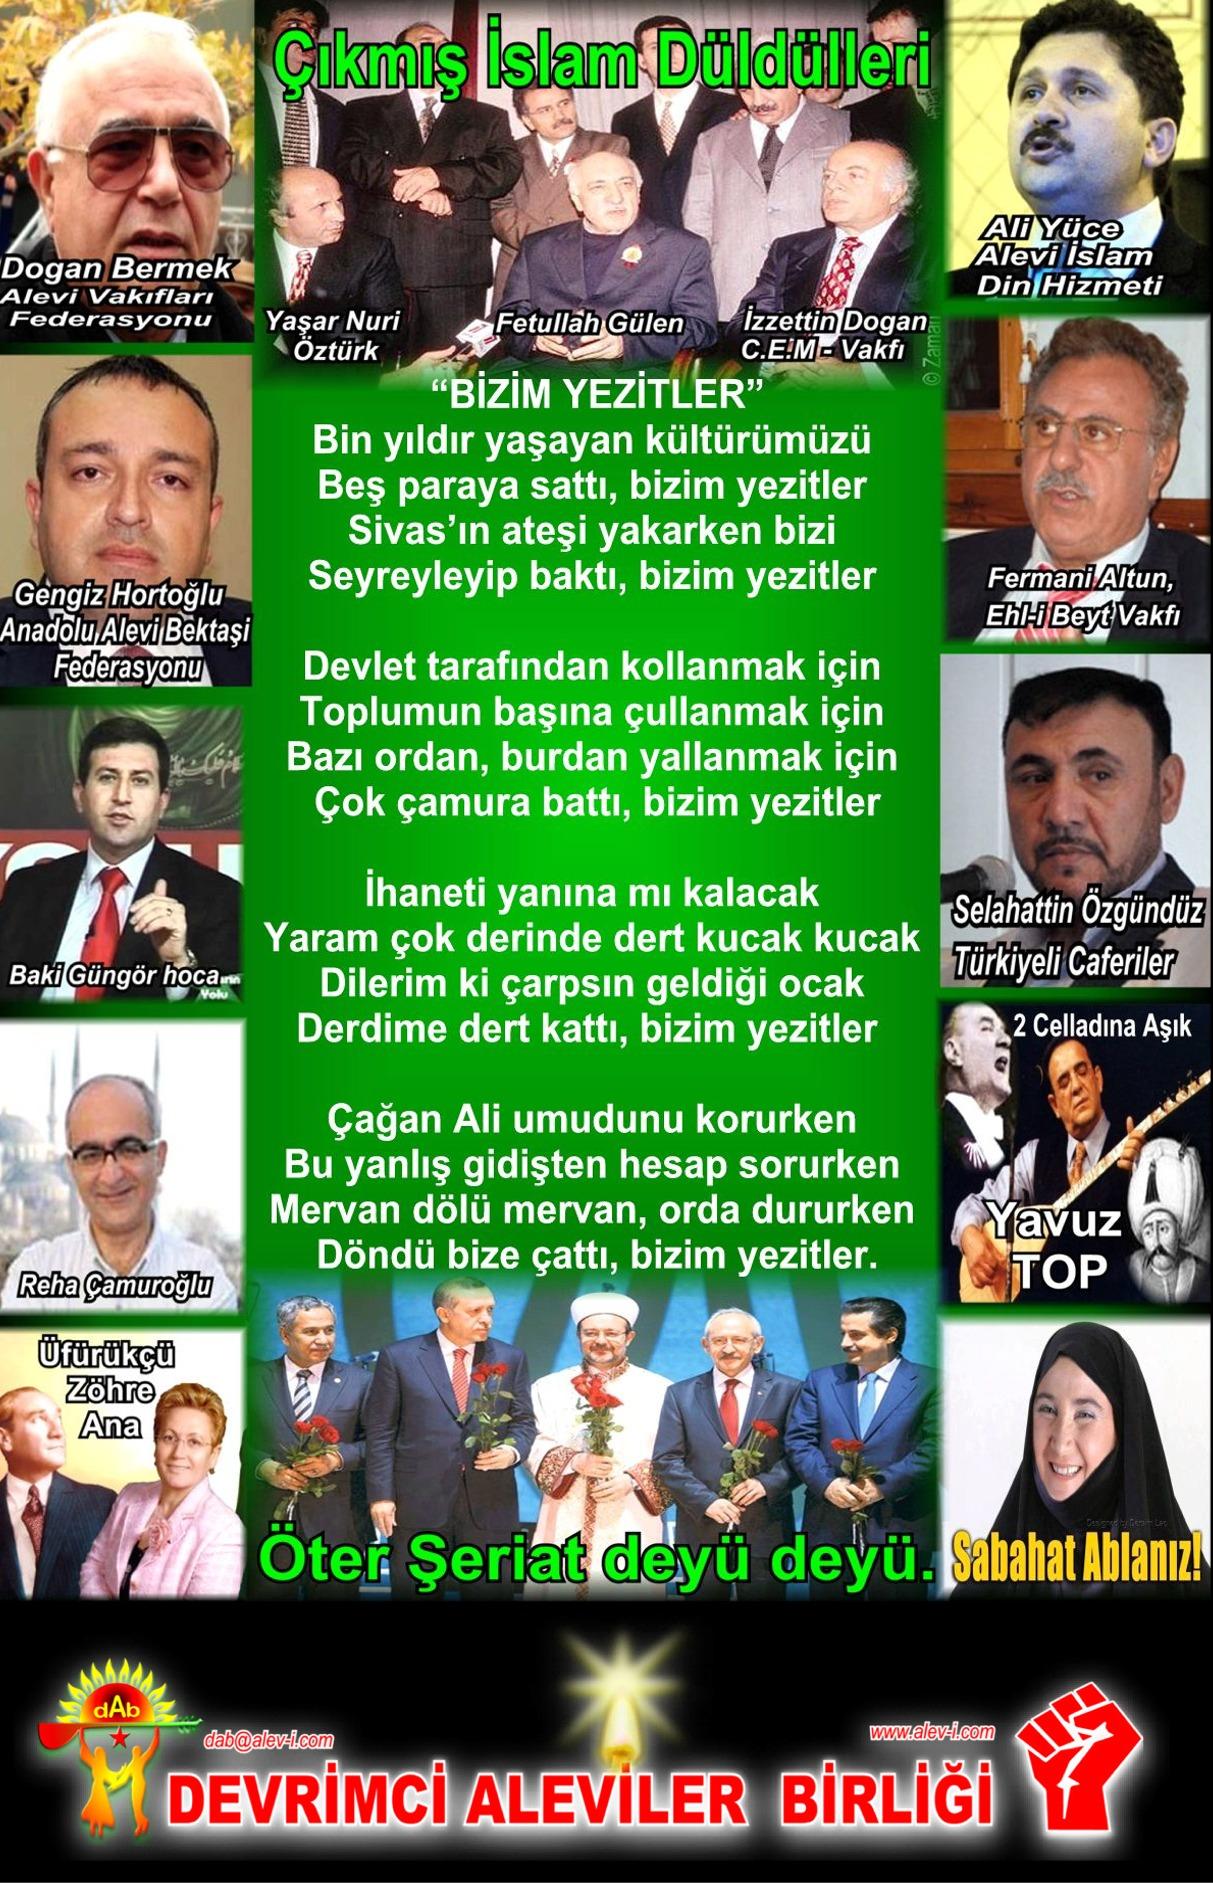 Alevi Bektaşi Kızılbaş Pir Sultan Devrimci Aleviler Birliği DAB bizimYezitlerIslamdüldülleri